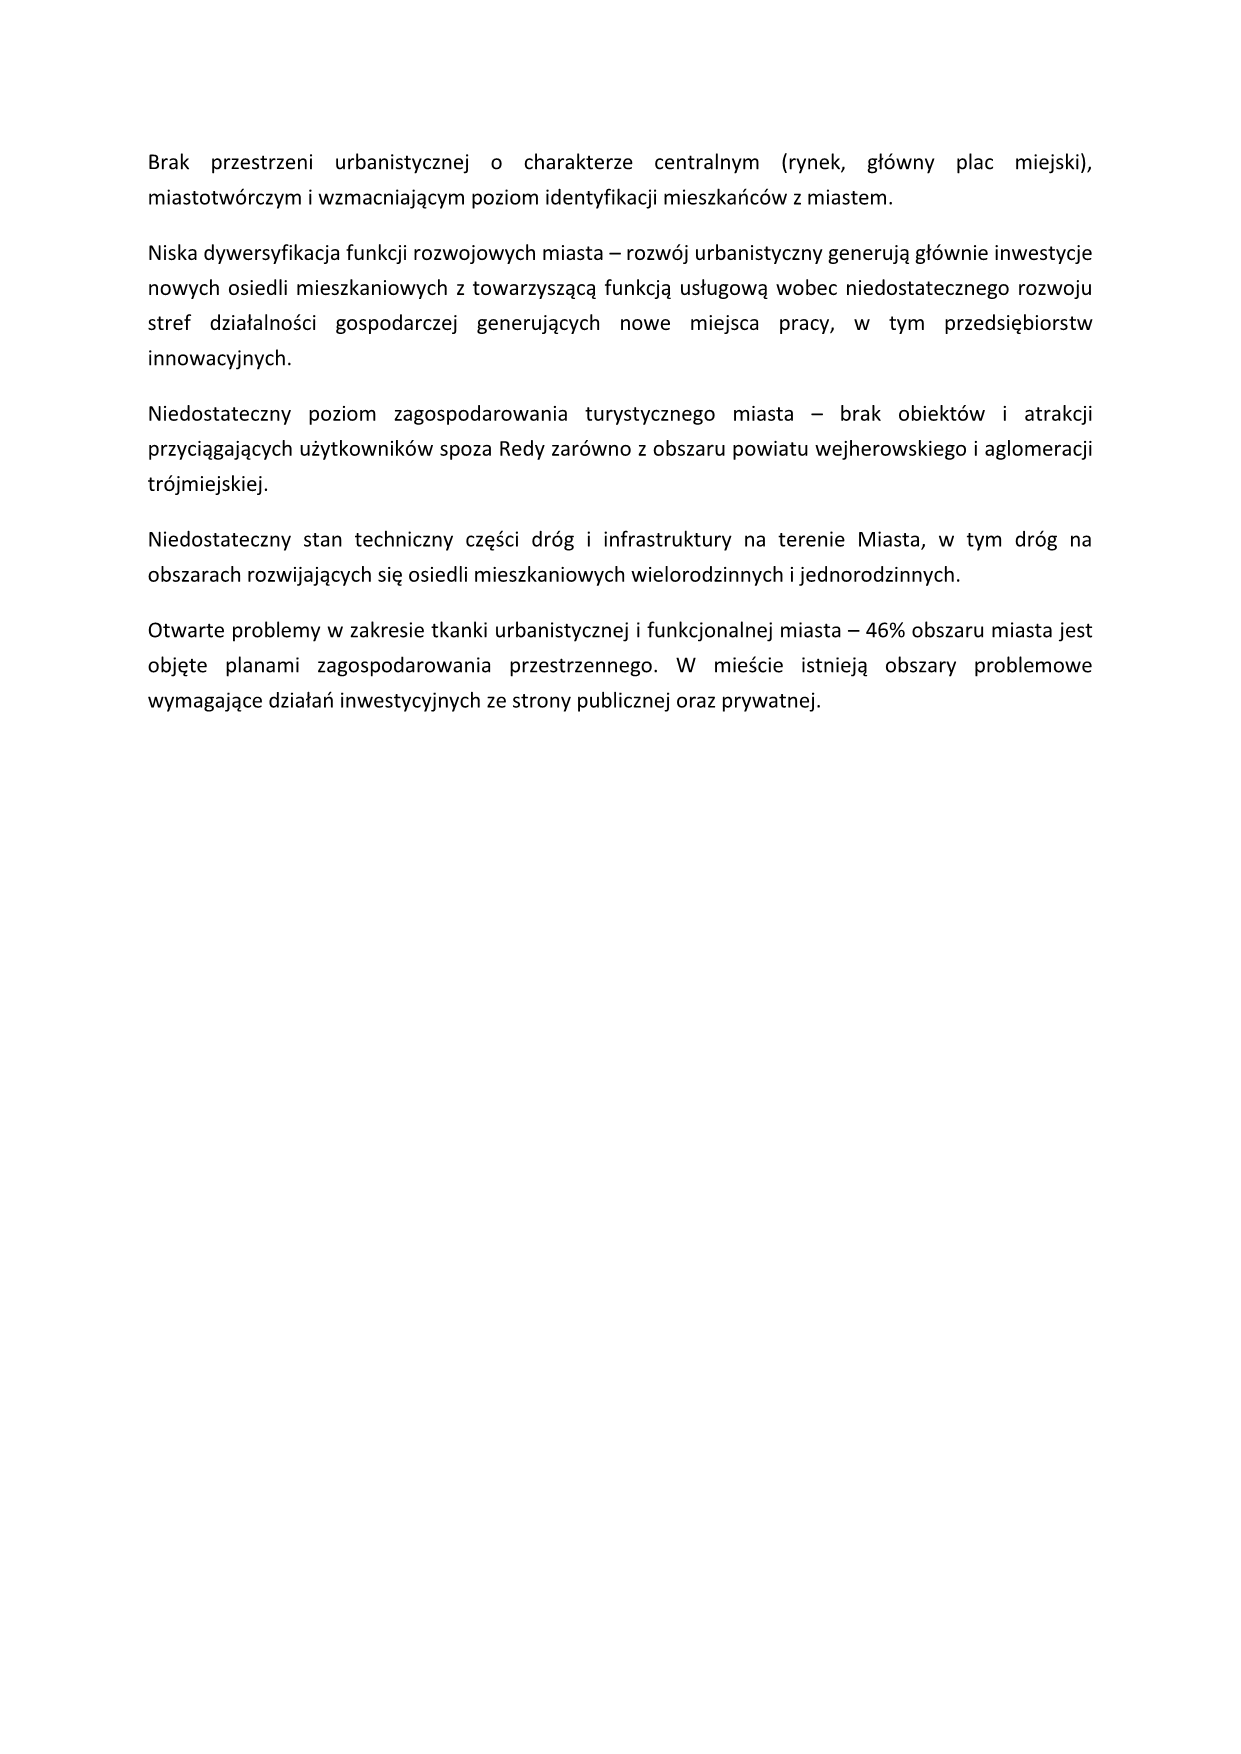 Diagnoza społeczno-gospodarcza Miasta Redy nalata 2015-2019